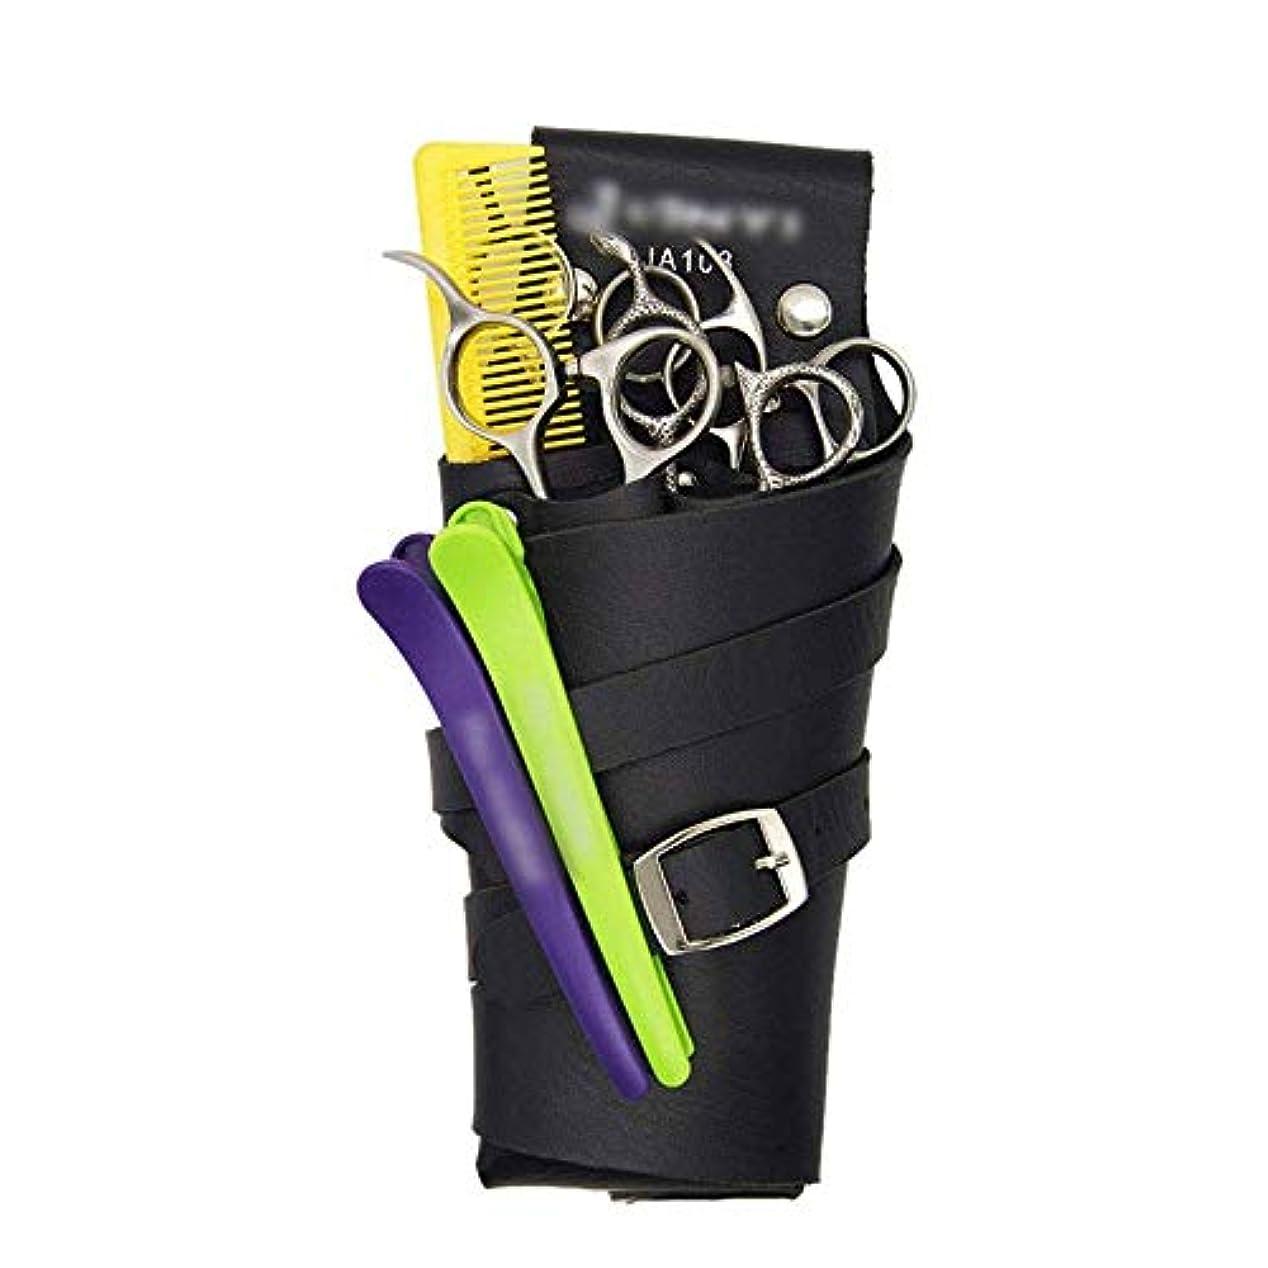 シャークに頼る歯科医YWAWJ ウエストショルダーベルト付き美容サロンのヘアスタイリストウエストホルダーケースバッグスタイリストのためのベルトとシザーポーチホルスター (Color : Black)